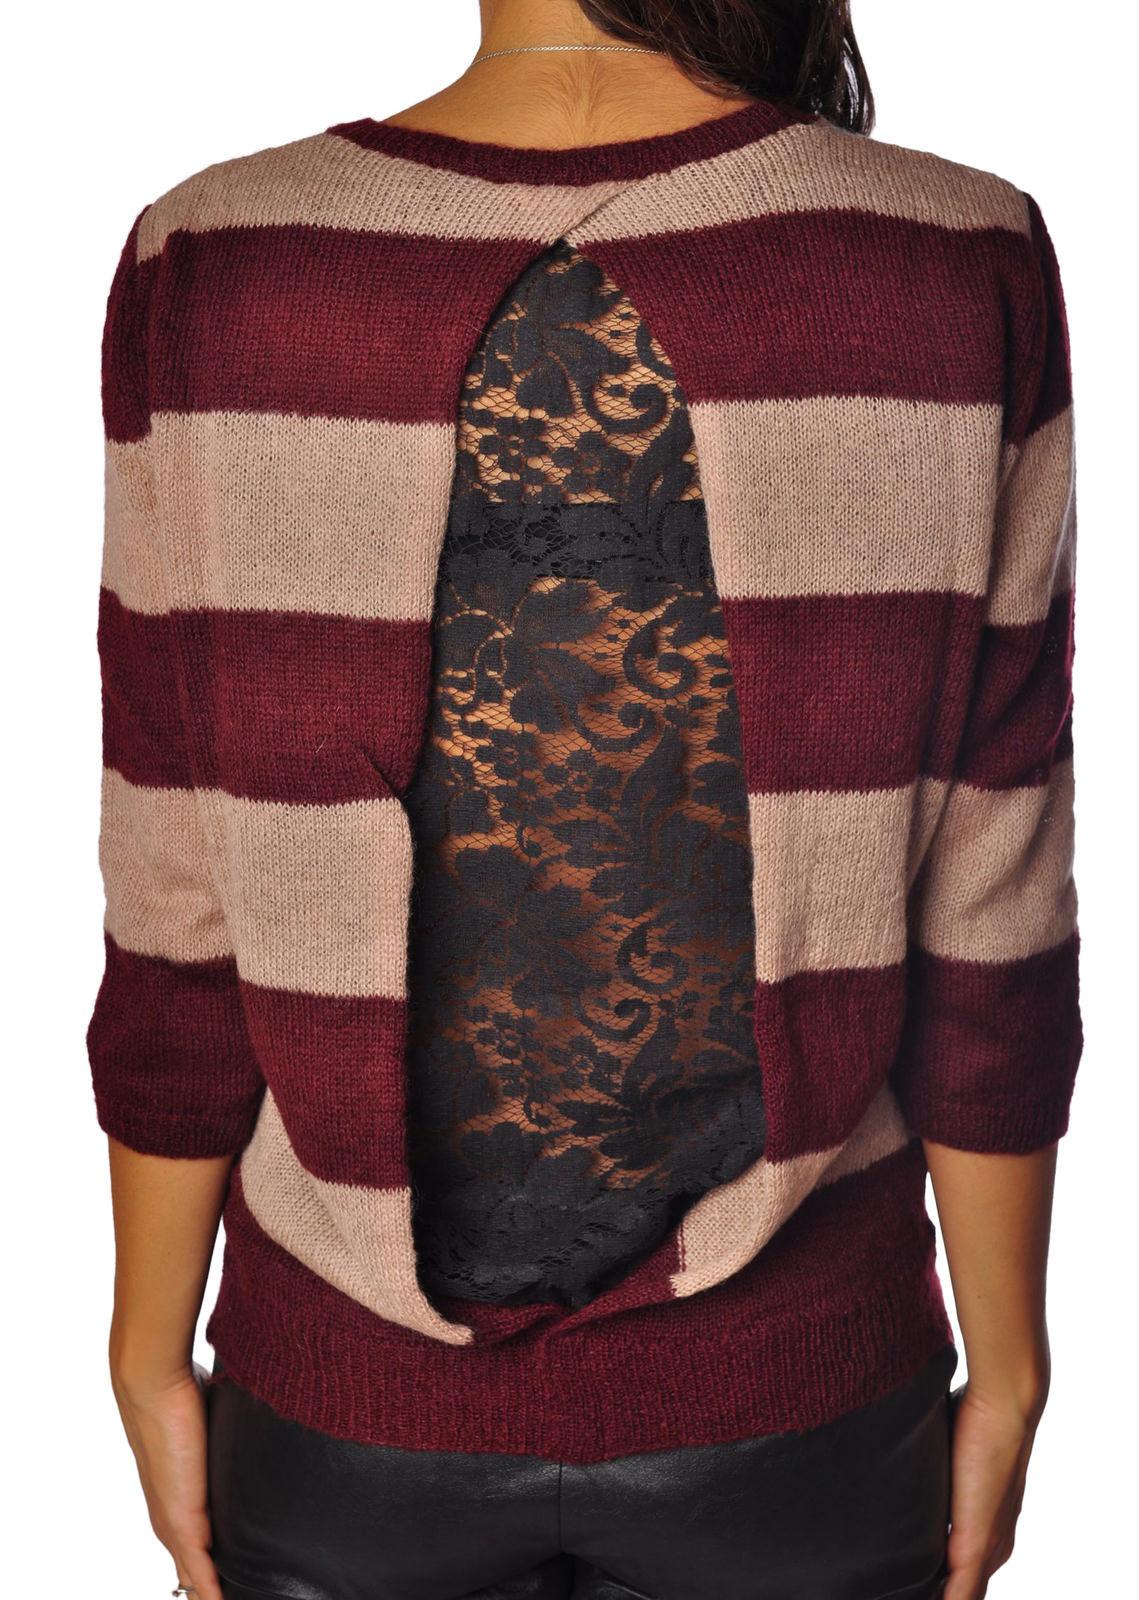 Soallure - Knitwear-Sweaters Knitwear-Sweaters Knitwear-Sweaters - woman - 718317C183718 11417e